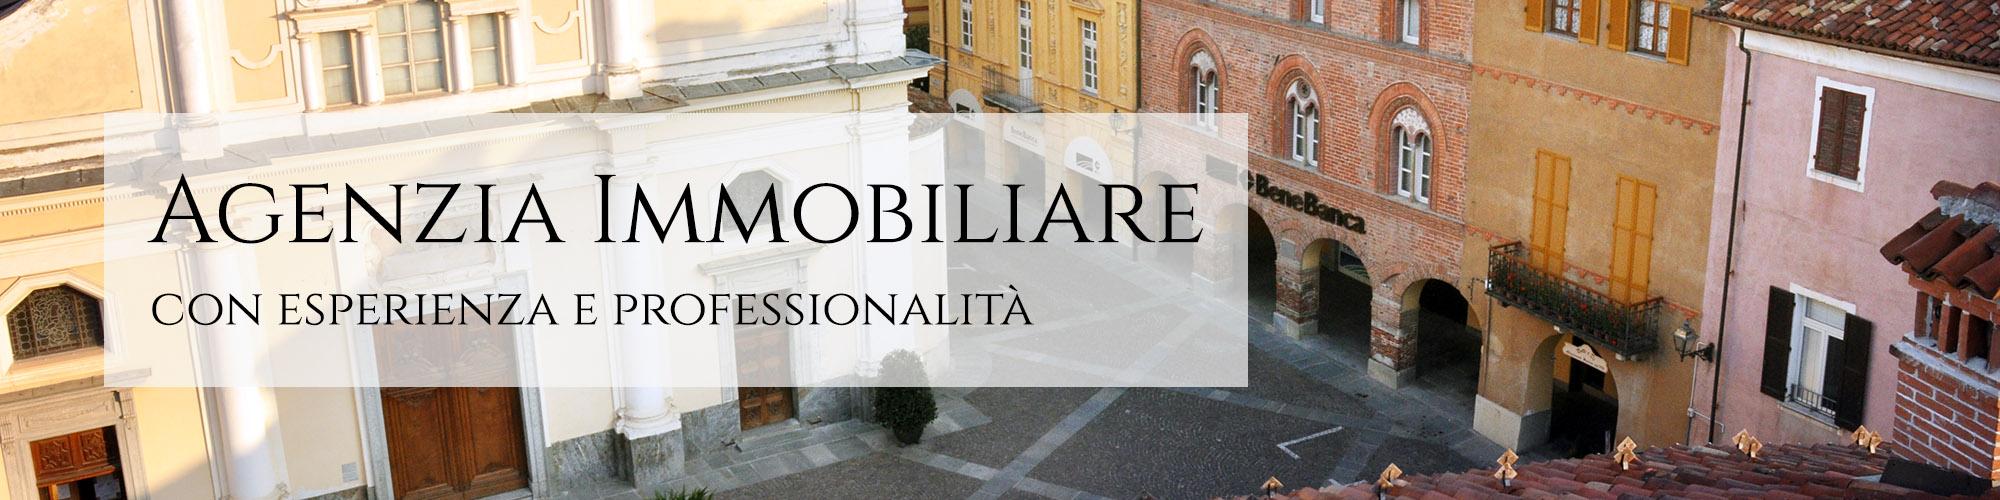 slide-piazza-bene-agenzia-immobiliare